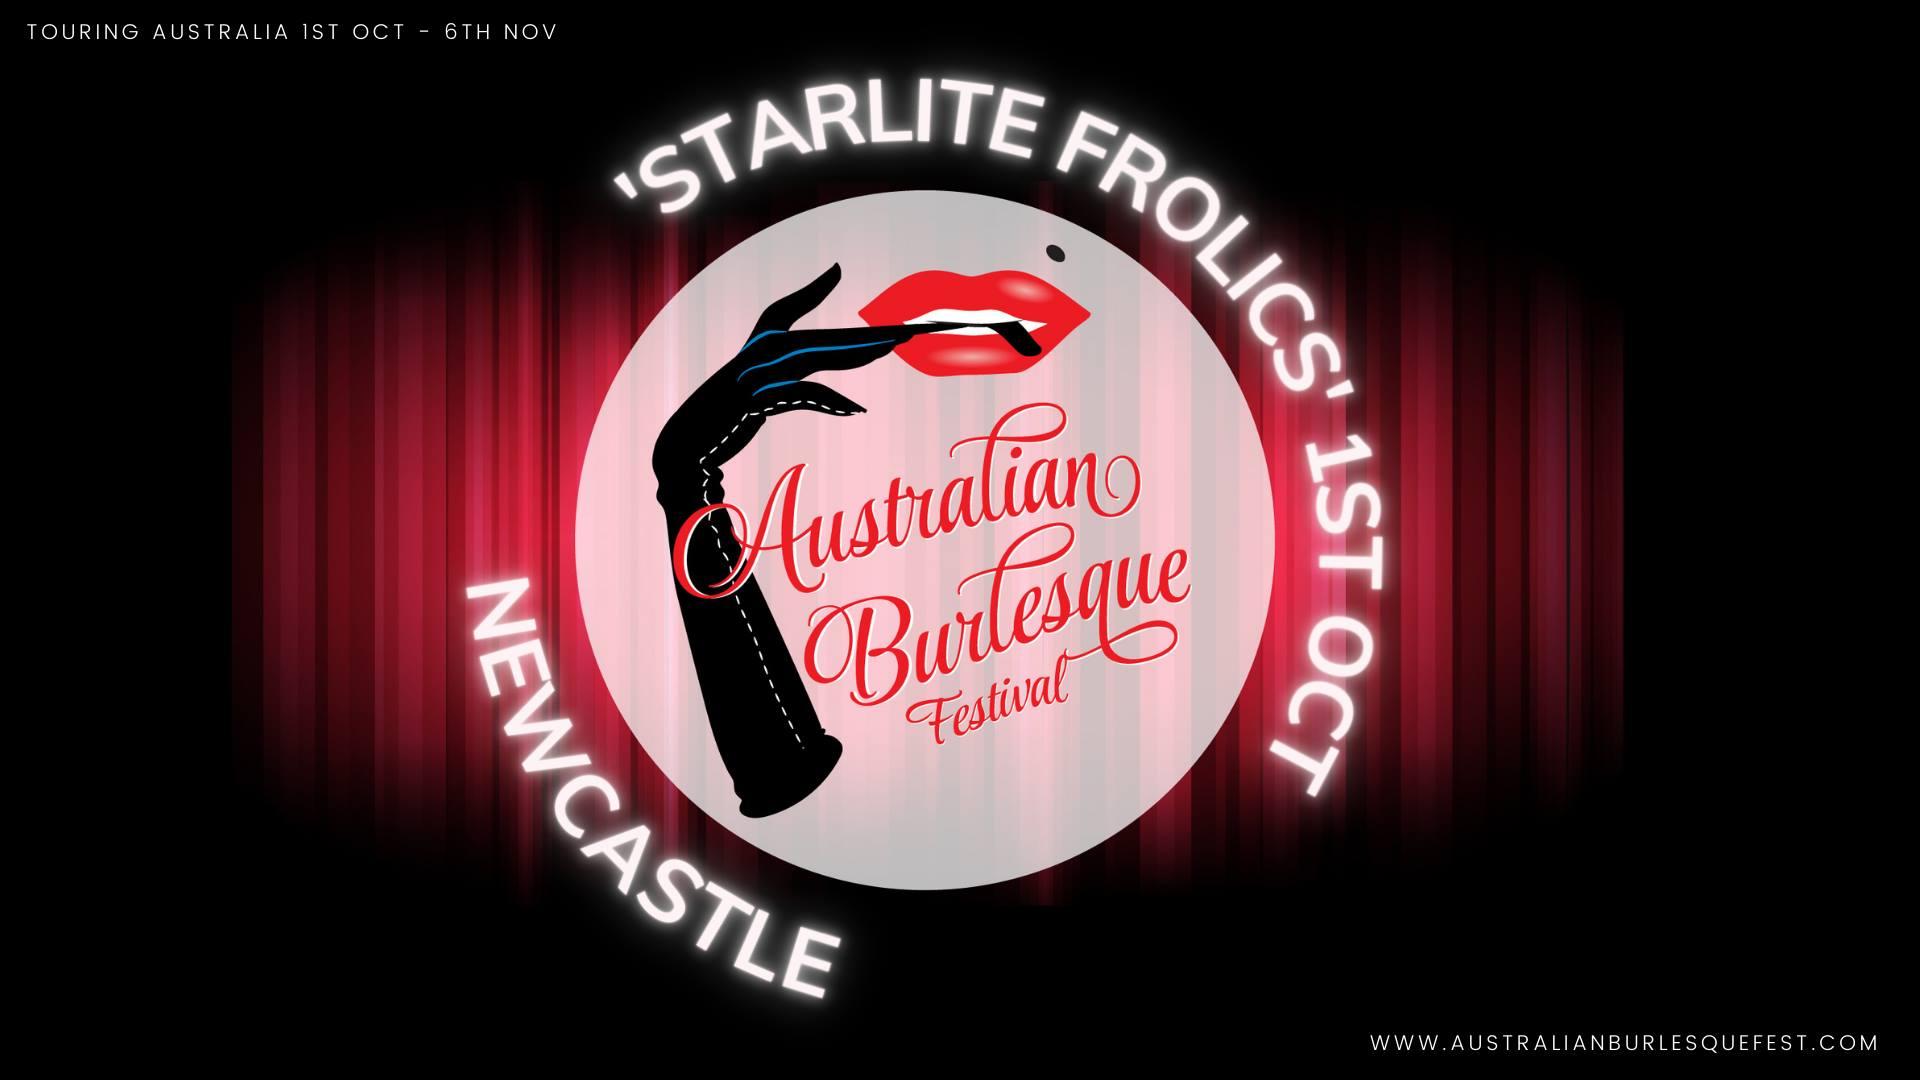 'Starlite Frolics' (Newcastle) The Australian Burlesque Festival 2021